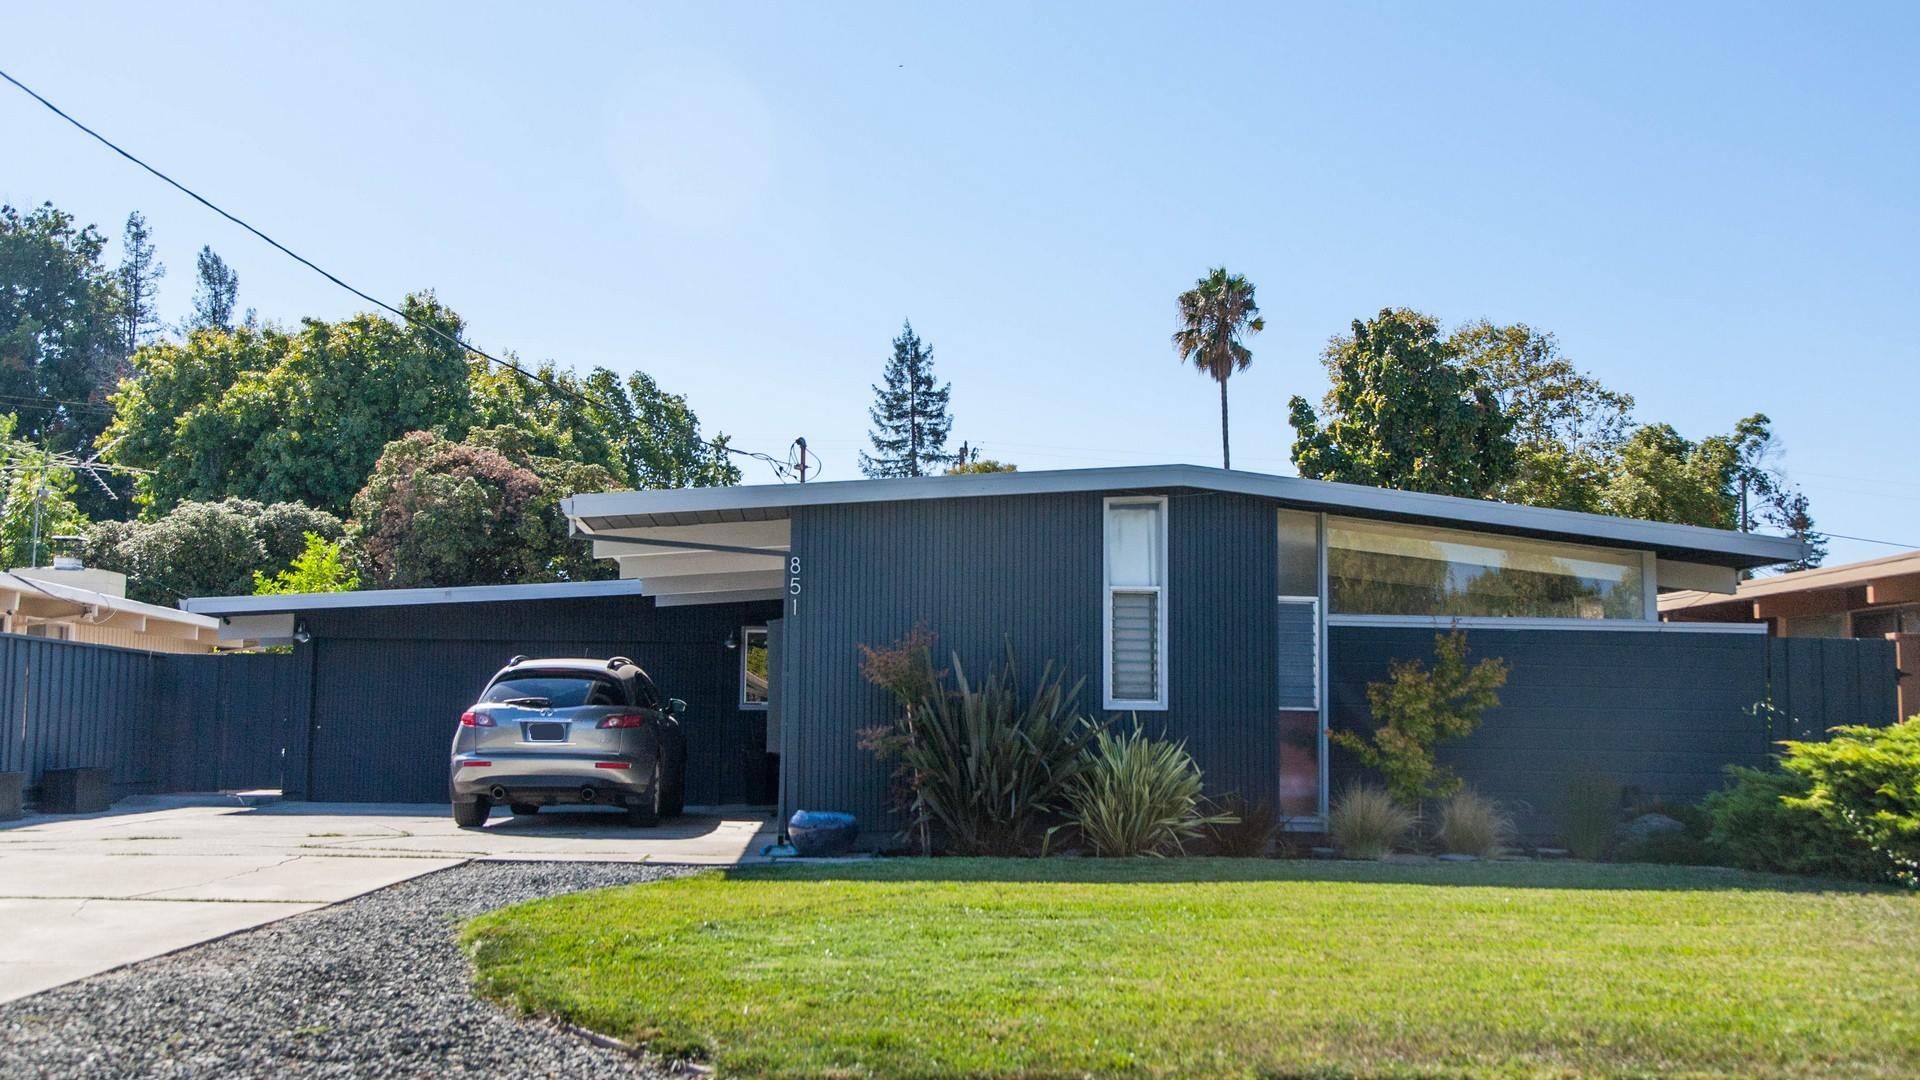 San Jose Eichler Homes South Bay Eichlers